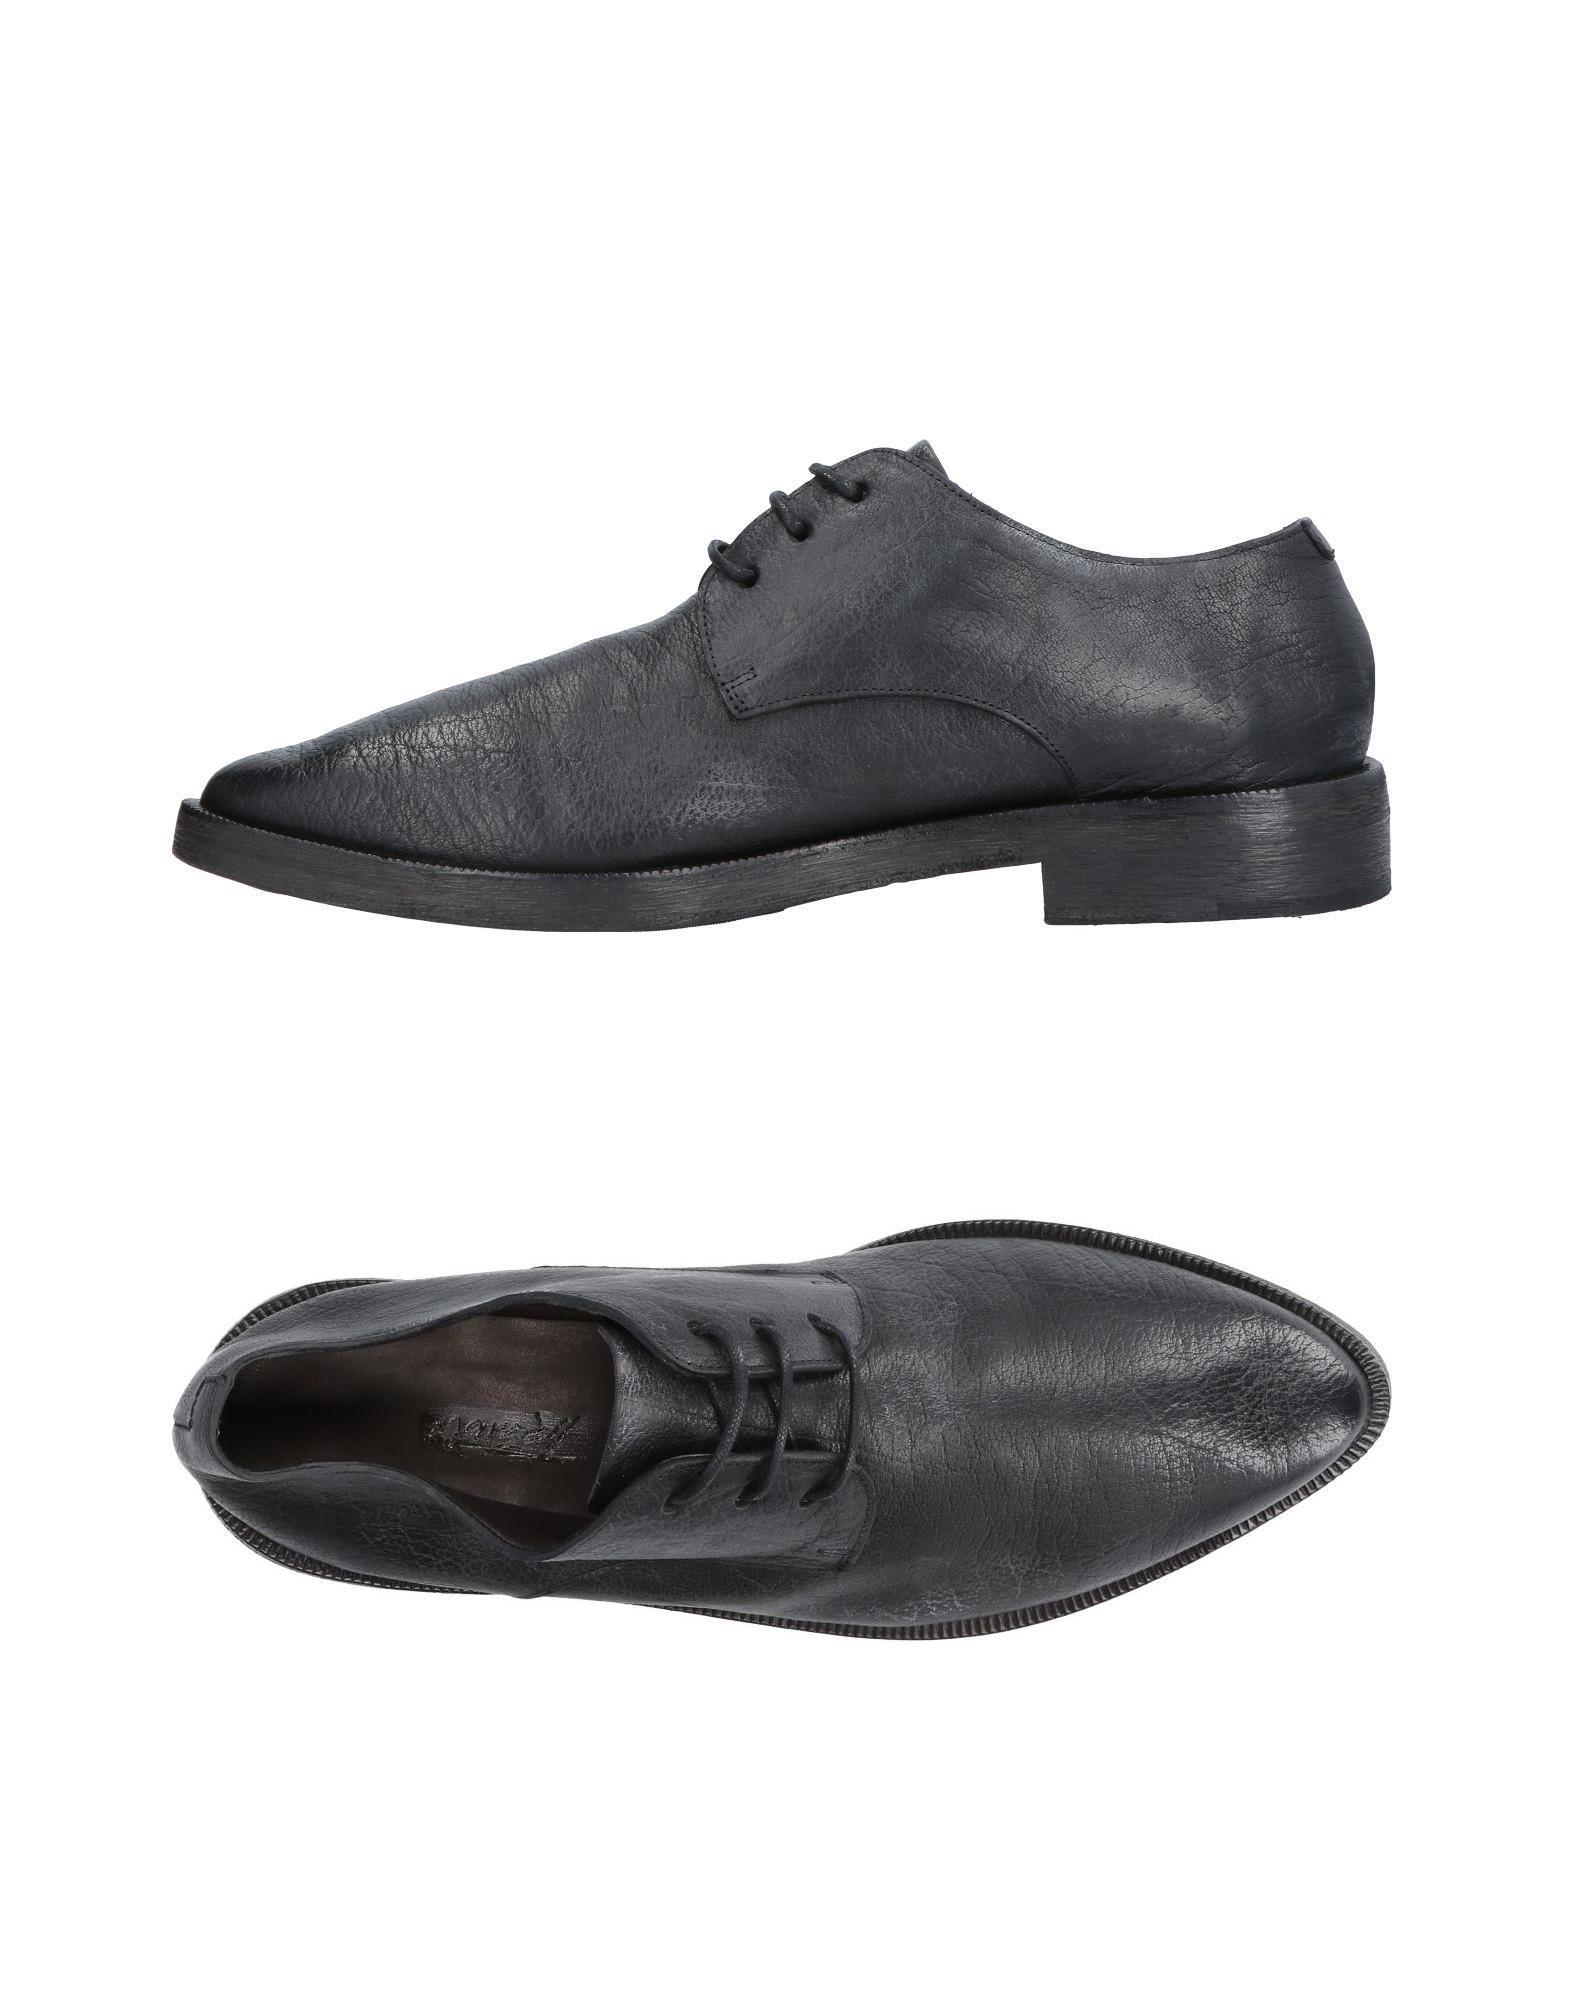 Marsèll Schnürschuhe Herren  11486063QQ Gute Qualität beliebte Schuhe